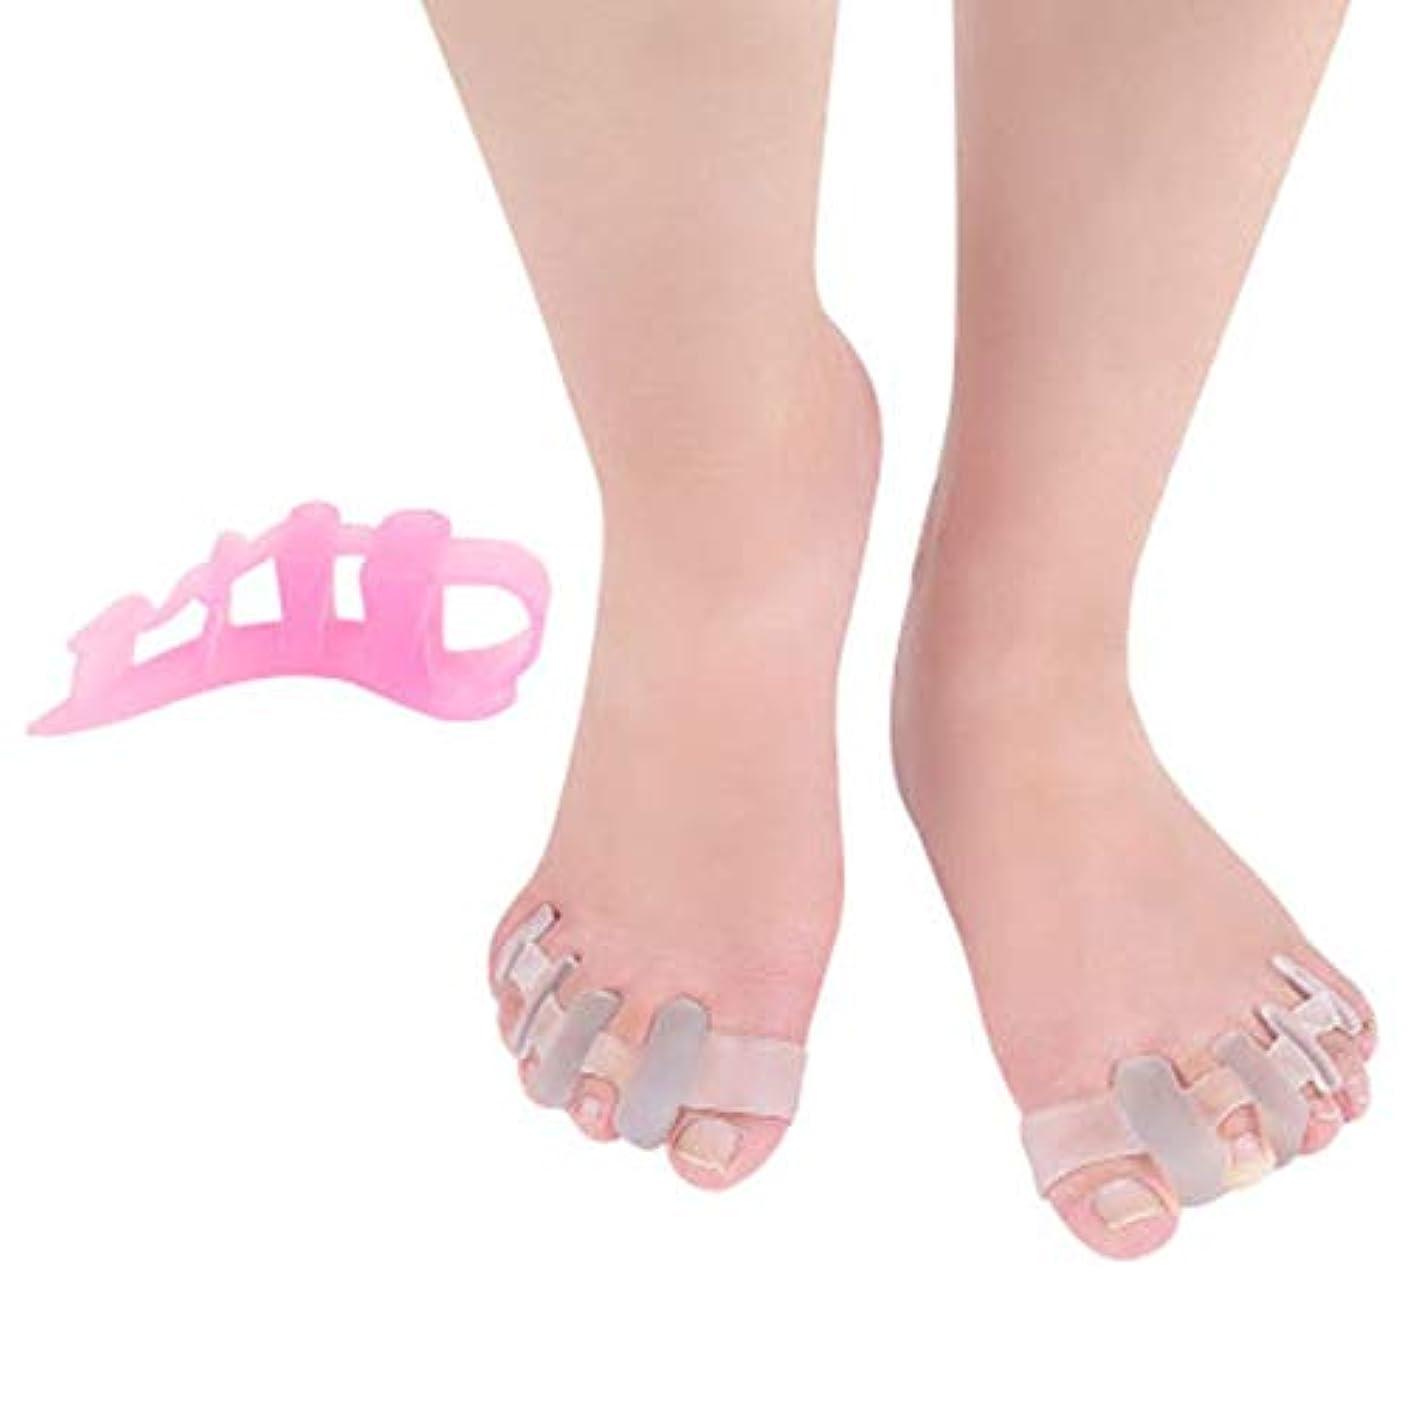 統合するグリーンバック歪めるMagRing Gel Toe Separator Toe Bunion Hallux Valgus Toe Stretchers for Men and Womenすぐに痛みを軽減イージーウェアカラー:透明